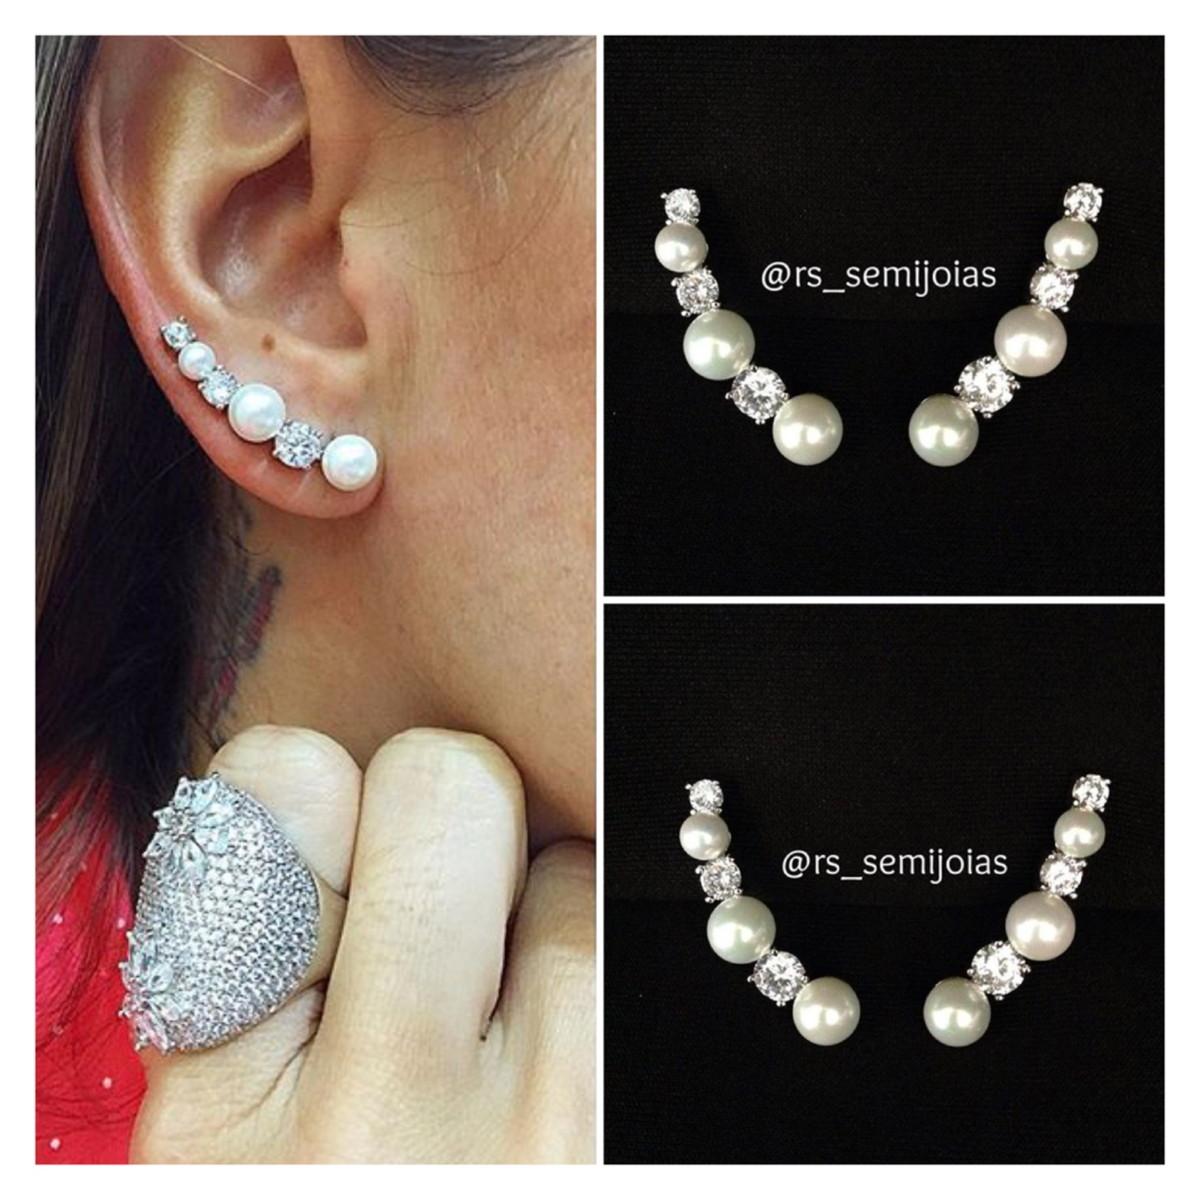 brinco earcuff pérolas e pto luz no Elo7   RS semi jóias (5C1905) 263f027719